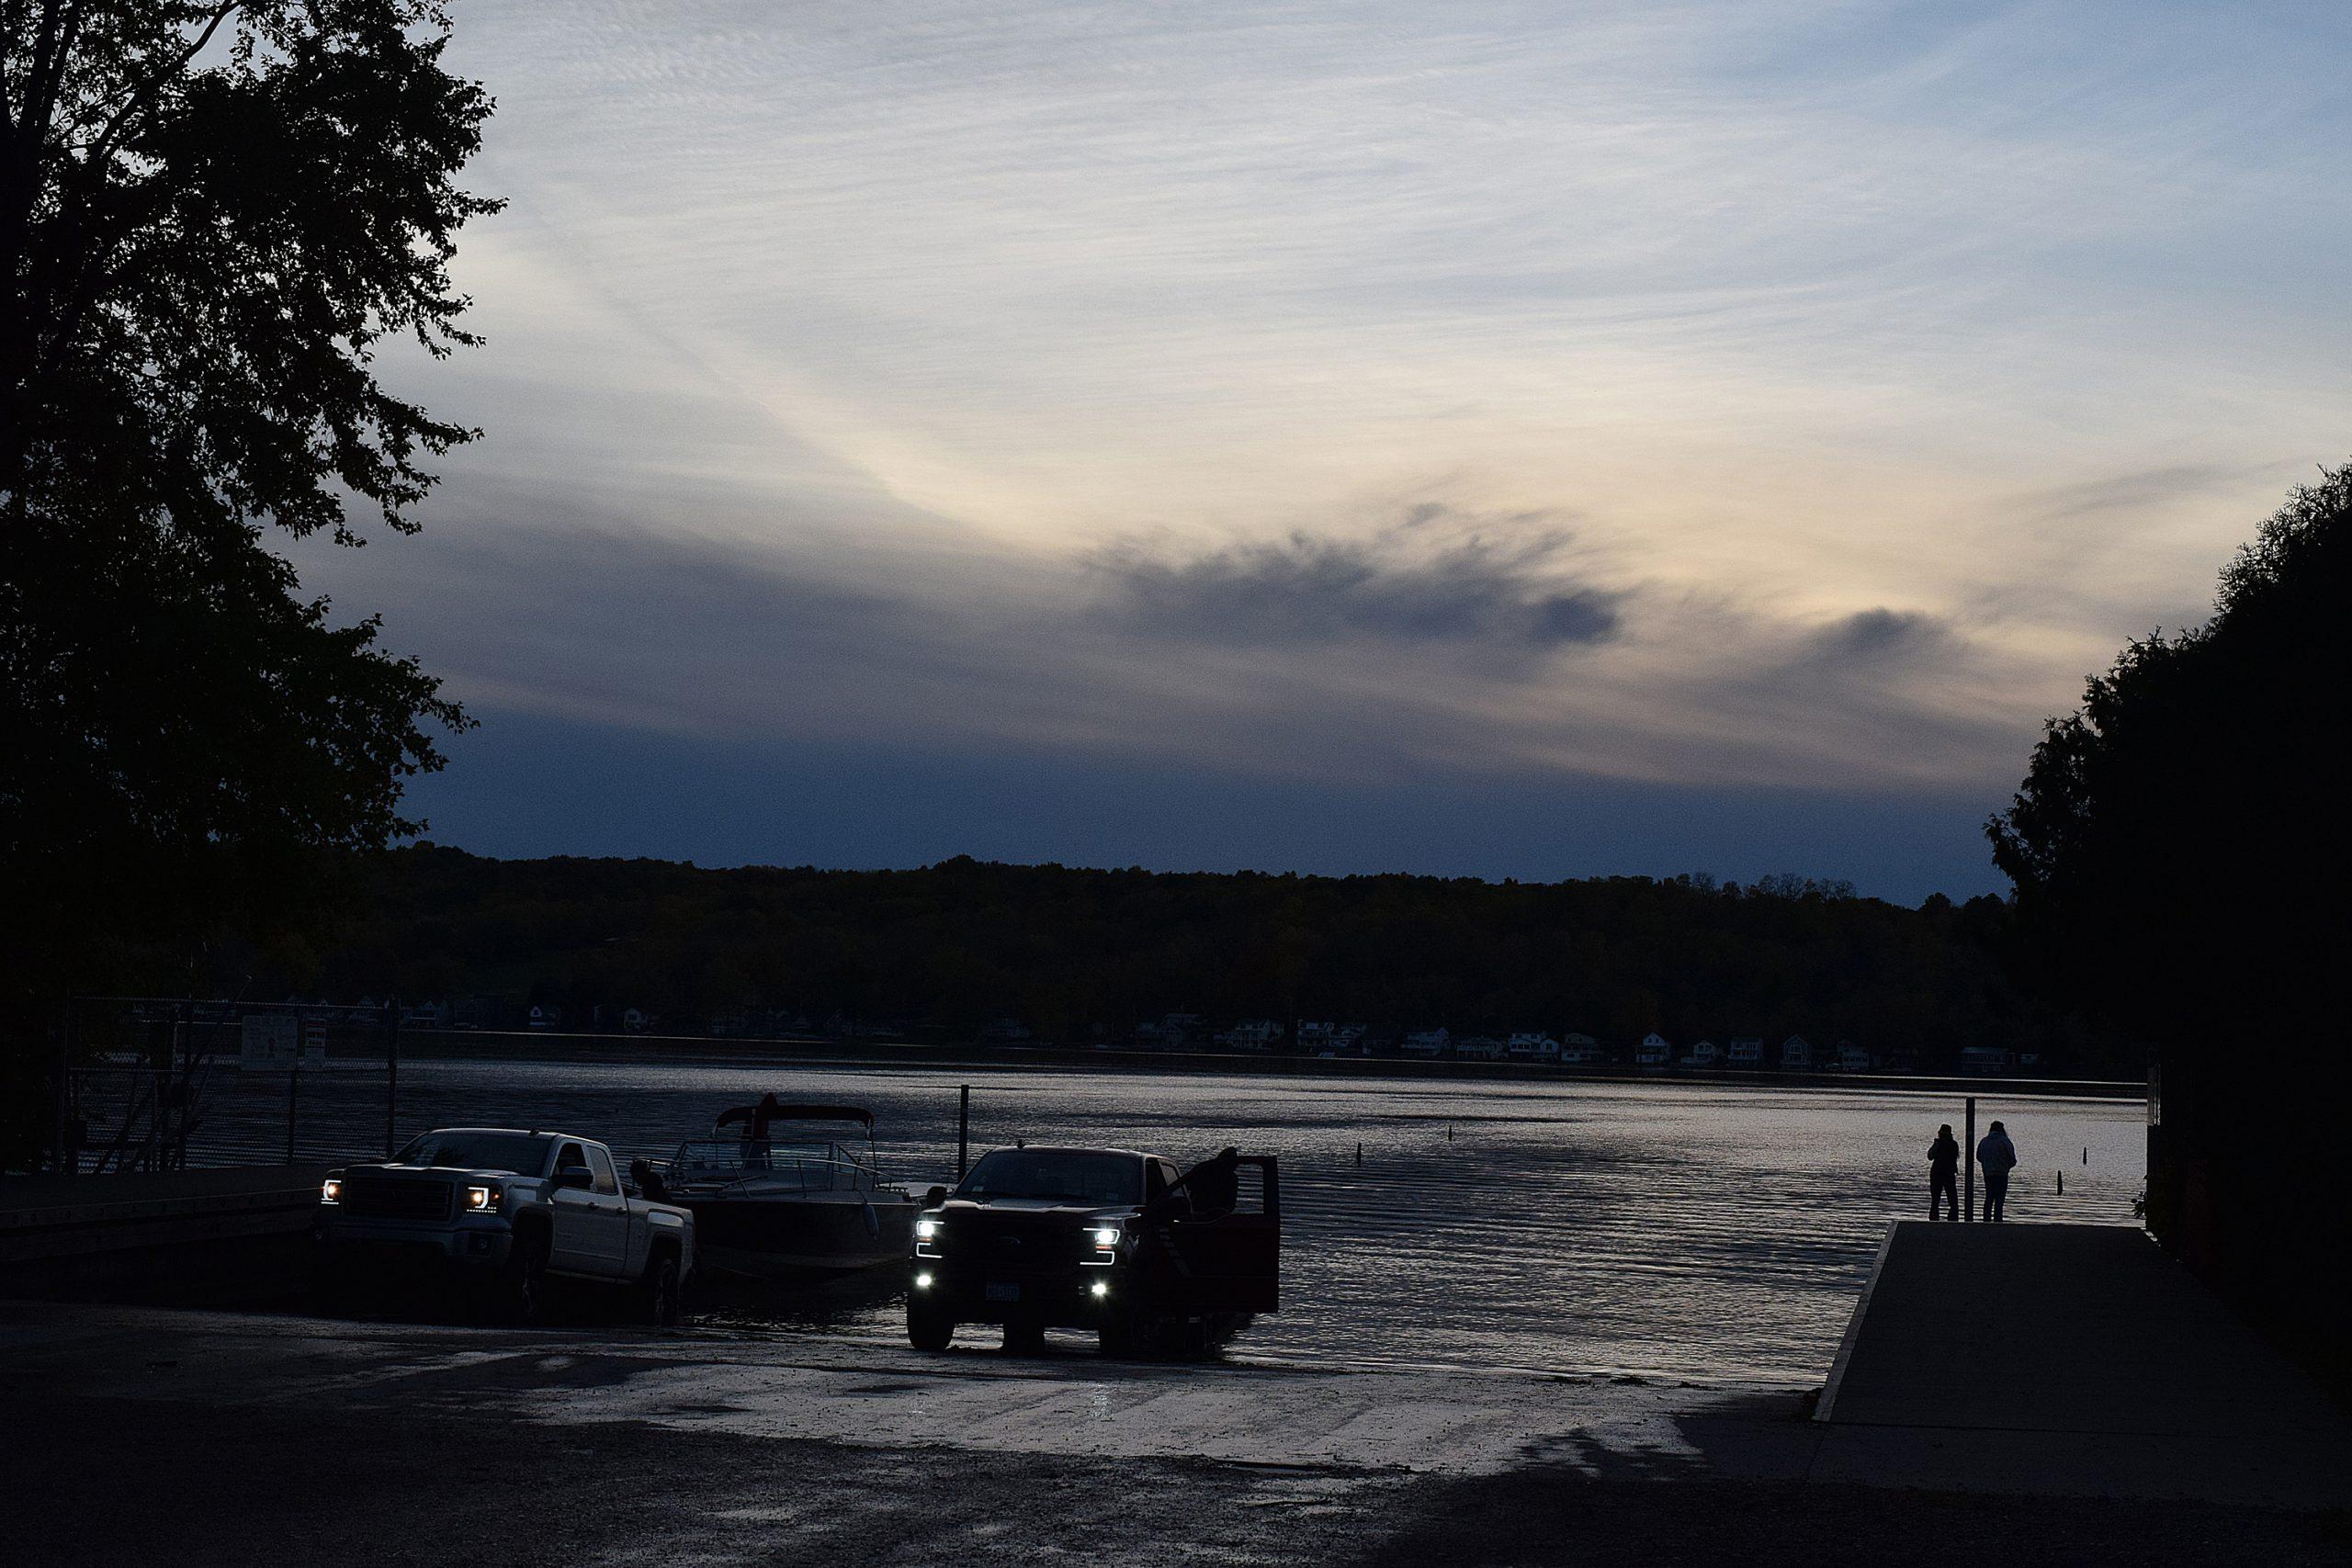 Conesus State Park, Conesus boat launch